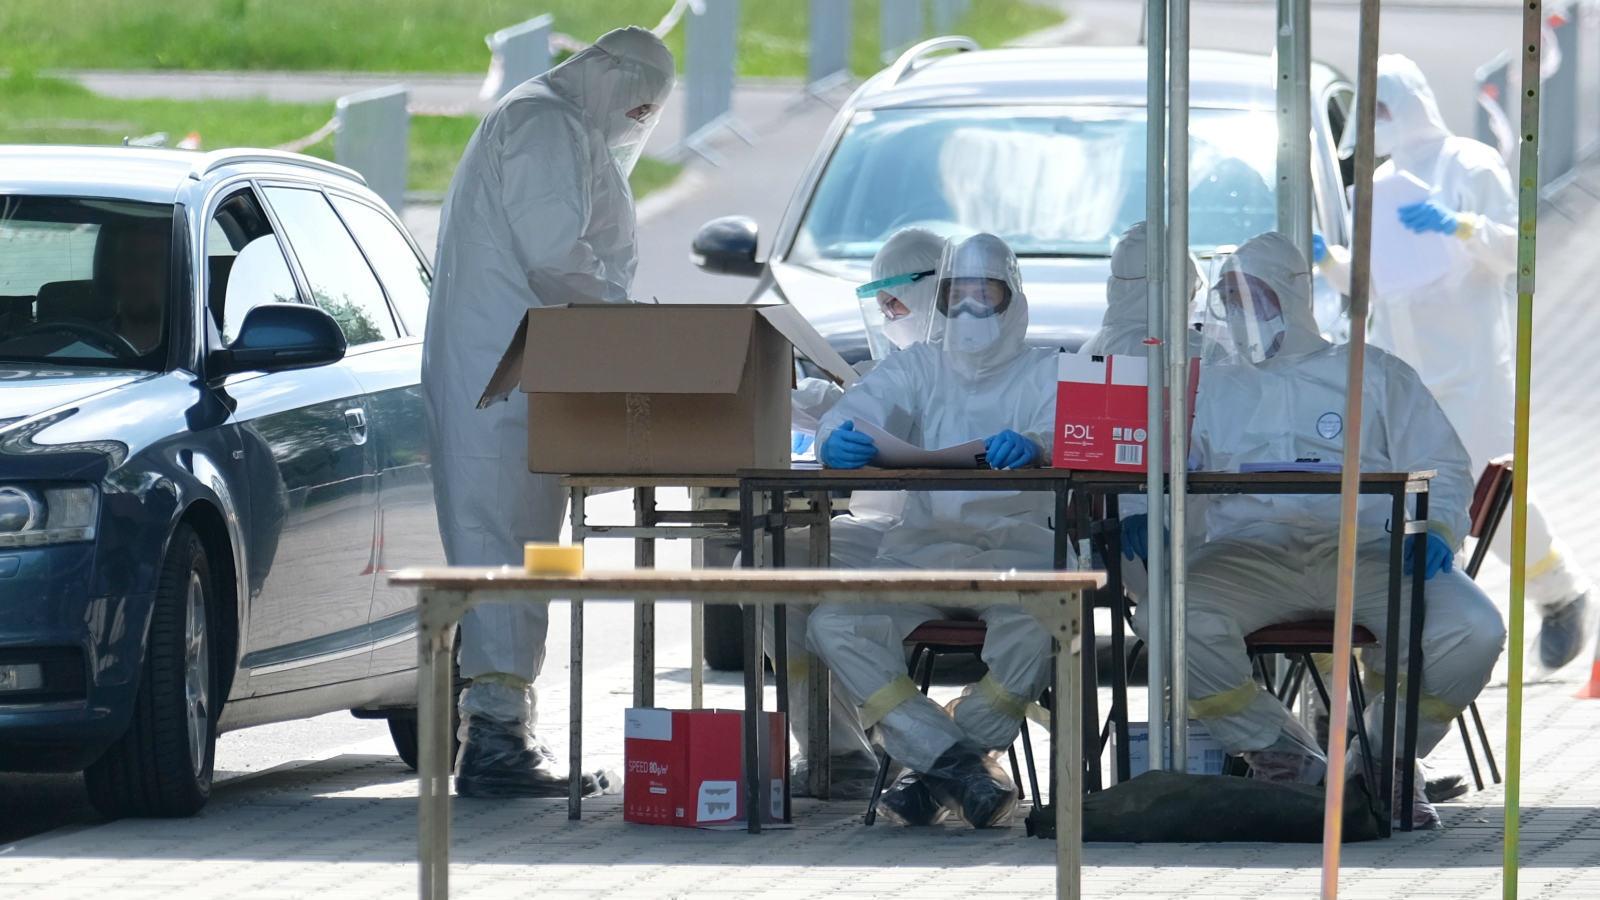 12.06.2020 | Epidemia COVID-19 wciąż trwa w Polsce. To zła wiadomość dla tych, którzy chcą wyjechać za granicę